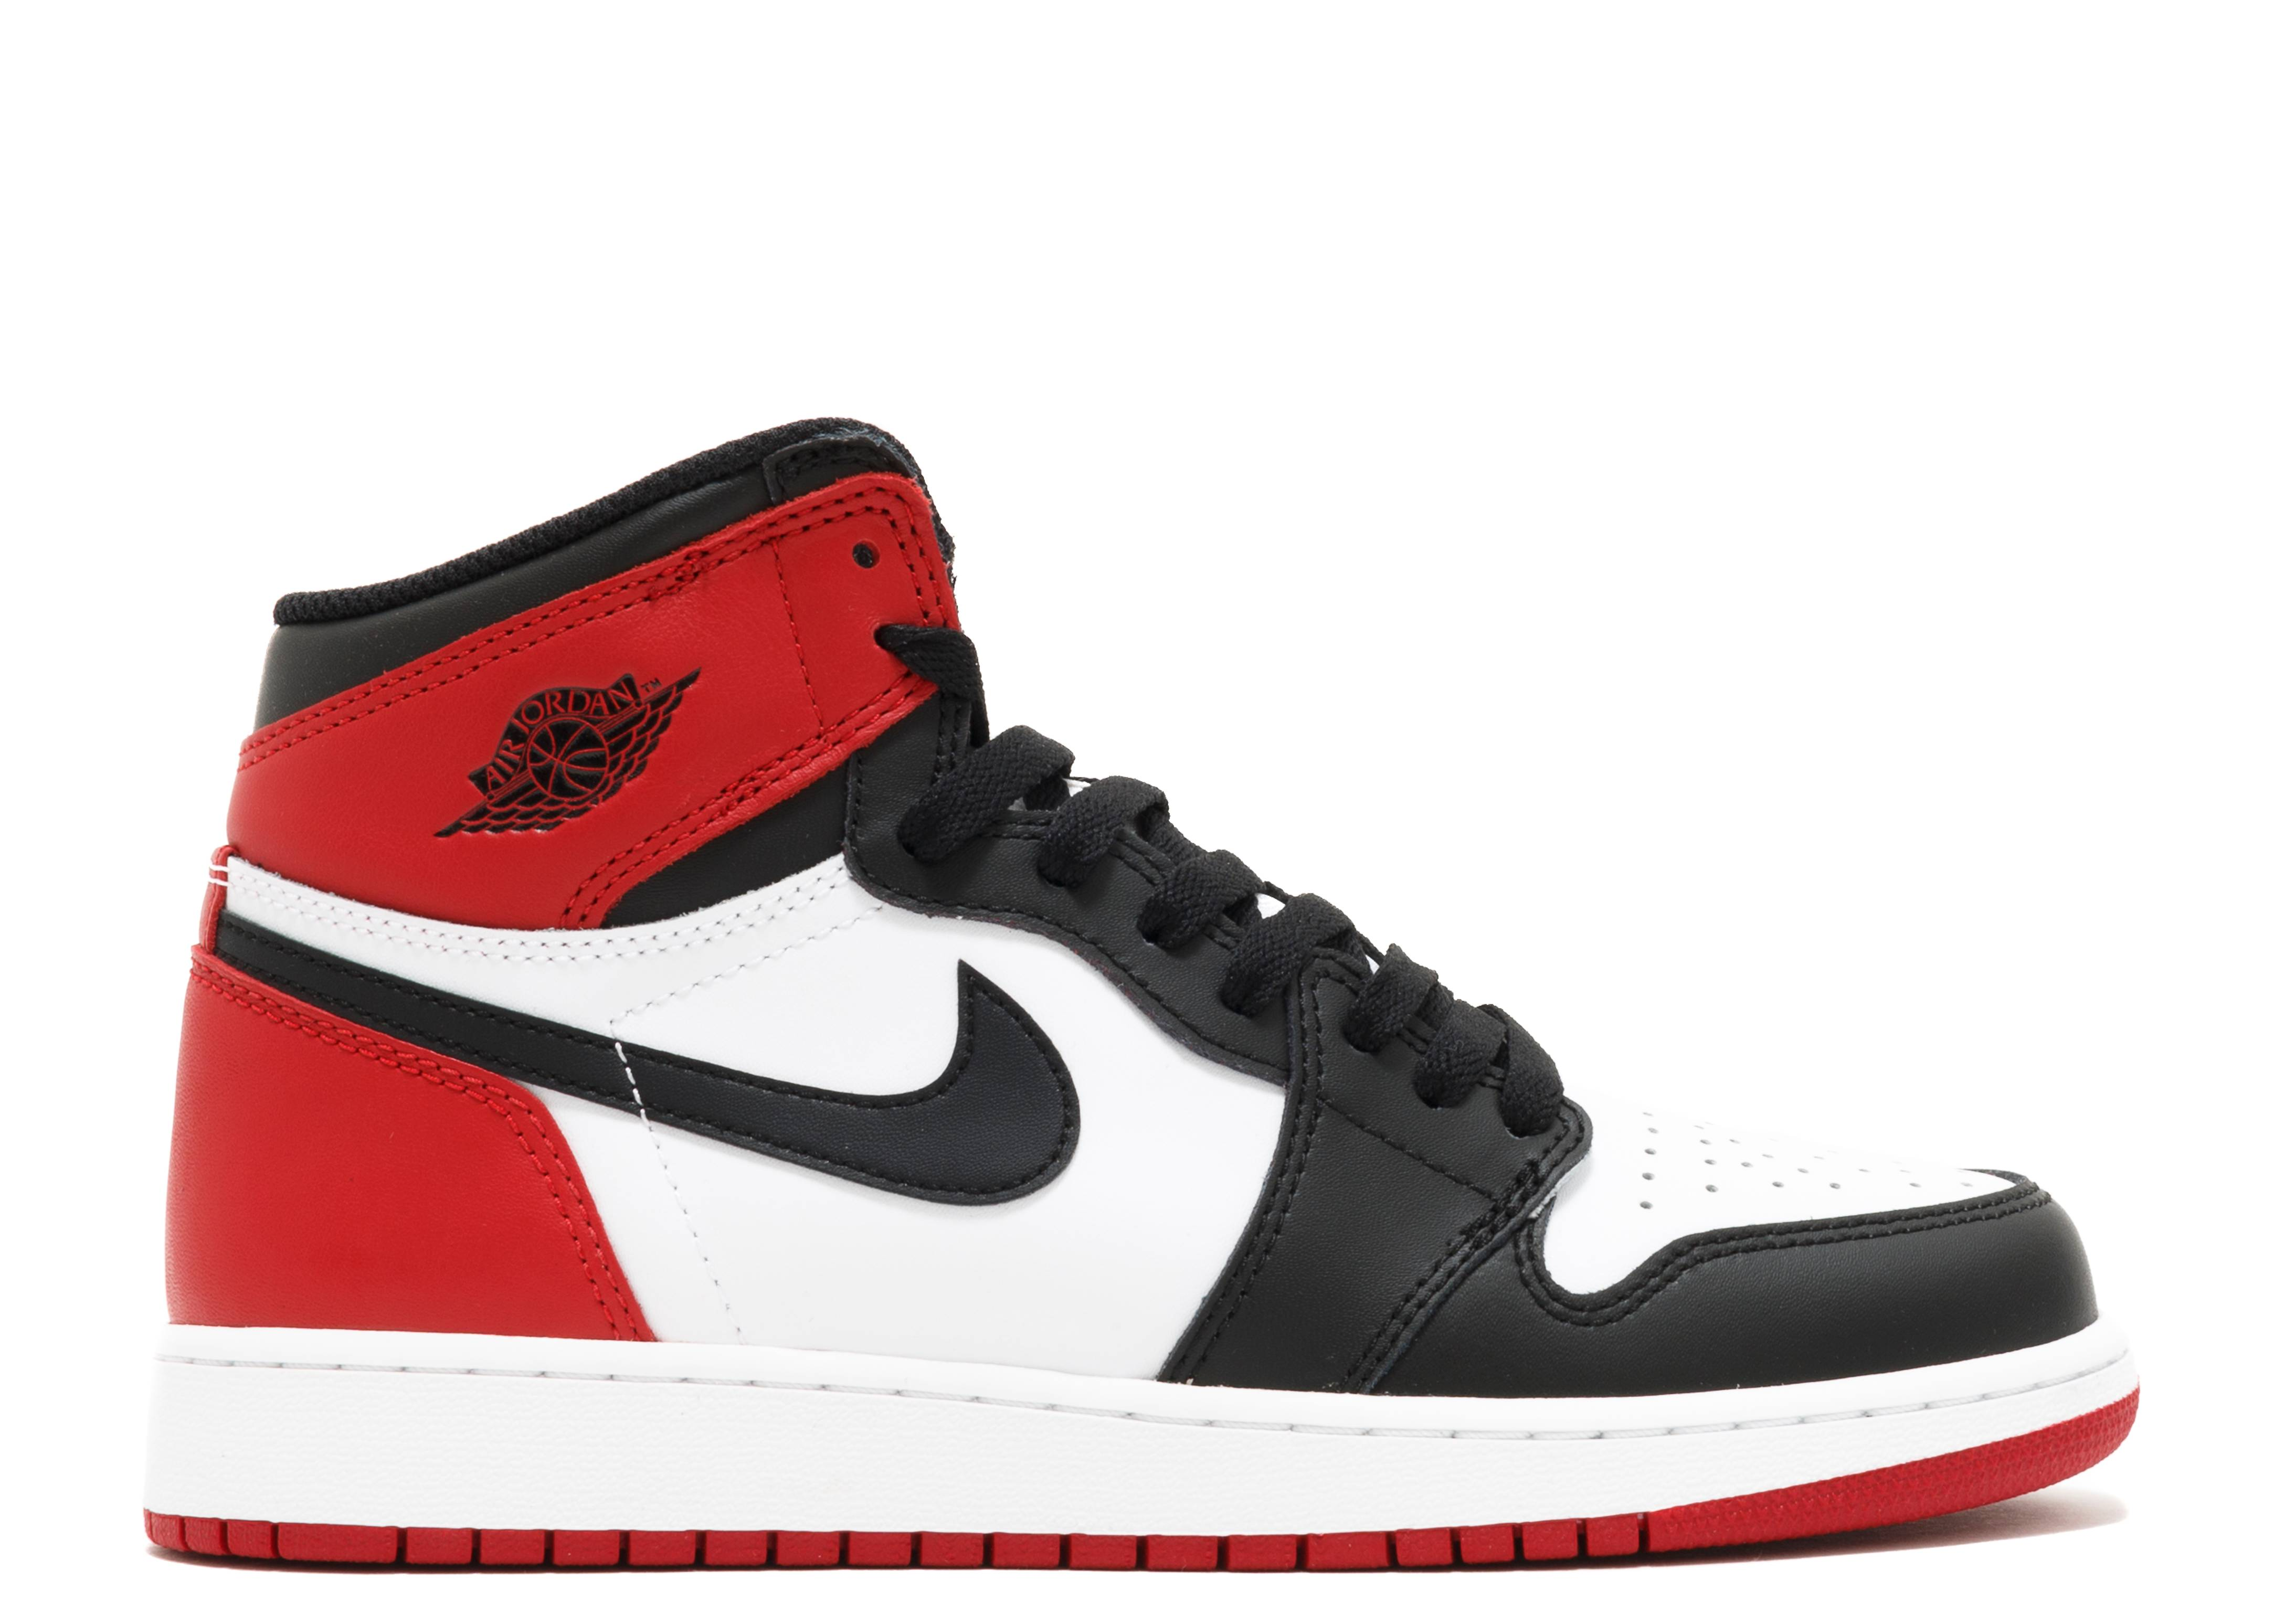 Air Jordan 1 Retro High Og Bg gs